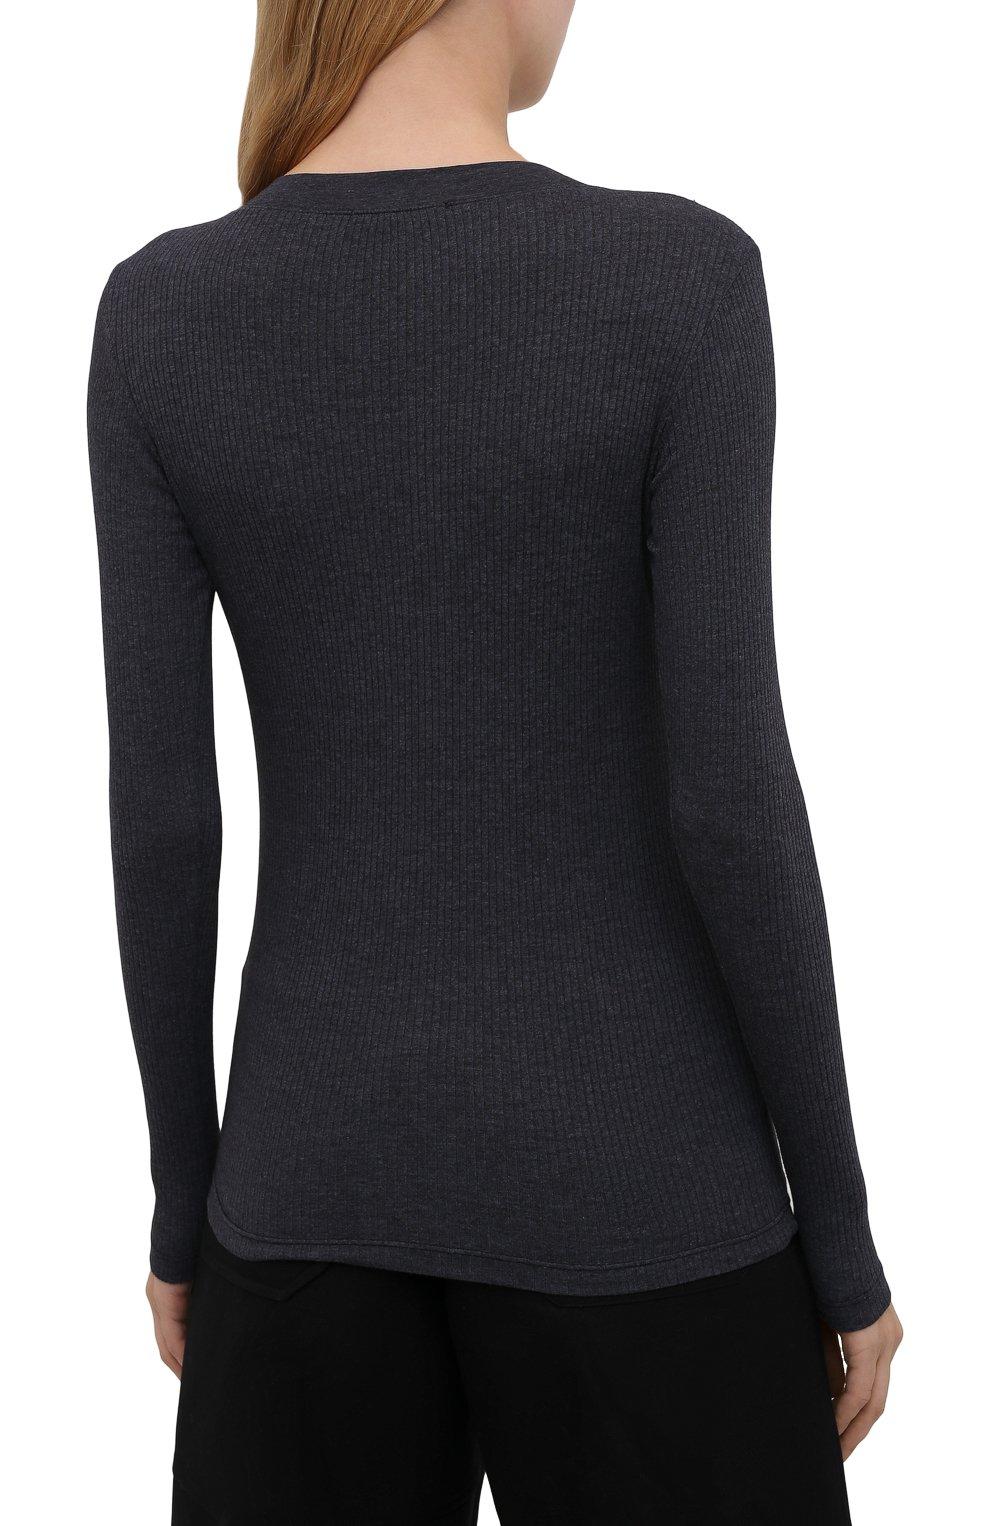 Женская хлопковый лонгслив JAMES PERSE темно-синего цвета, арт. WRTJ3662   Фото 4 (Рукава: Длинные; Принт: Без принта; Длина (брюки, джинсы): Стандартные; Материал внешний: Синтетический материал, Хлопок; Длина (для топов): Стандартные; Женское Кросс-КТ: Лонгслив-одежда; Стили: Кэжуэл)